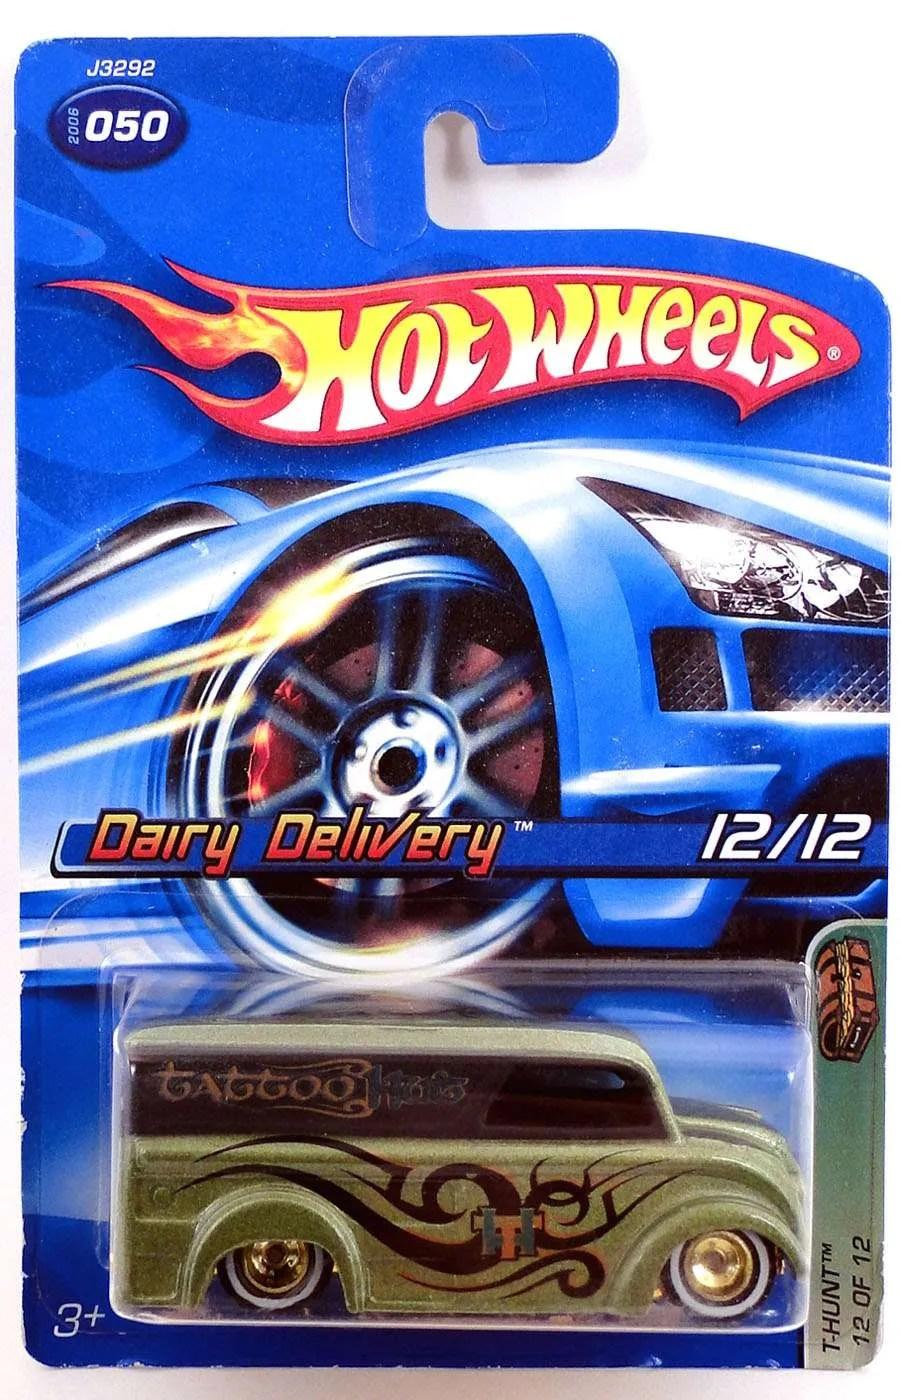 Dairy_Delivery_Model_Trucks_f2d290fe-3016-45c8-9fd4-564e1072beb4